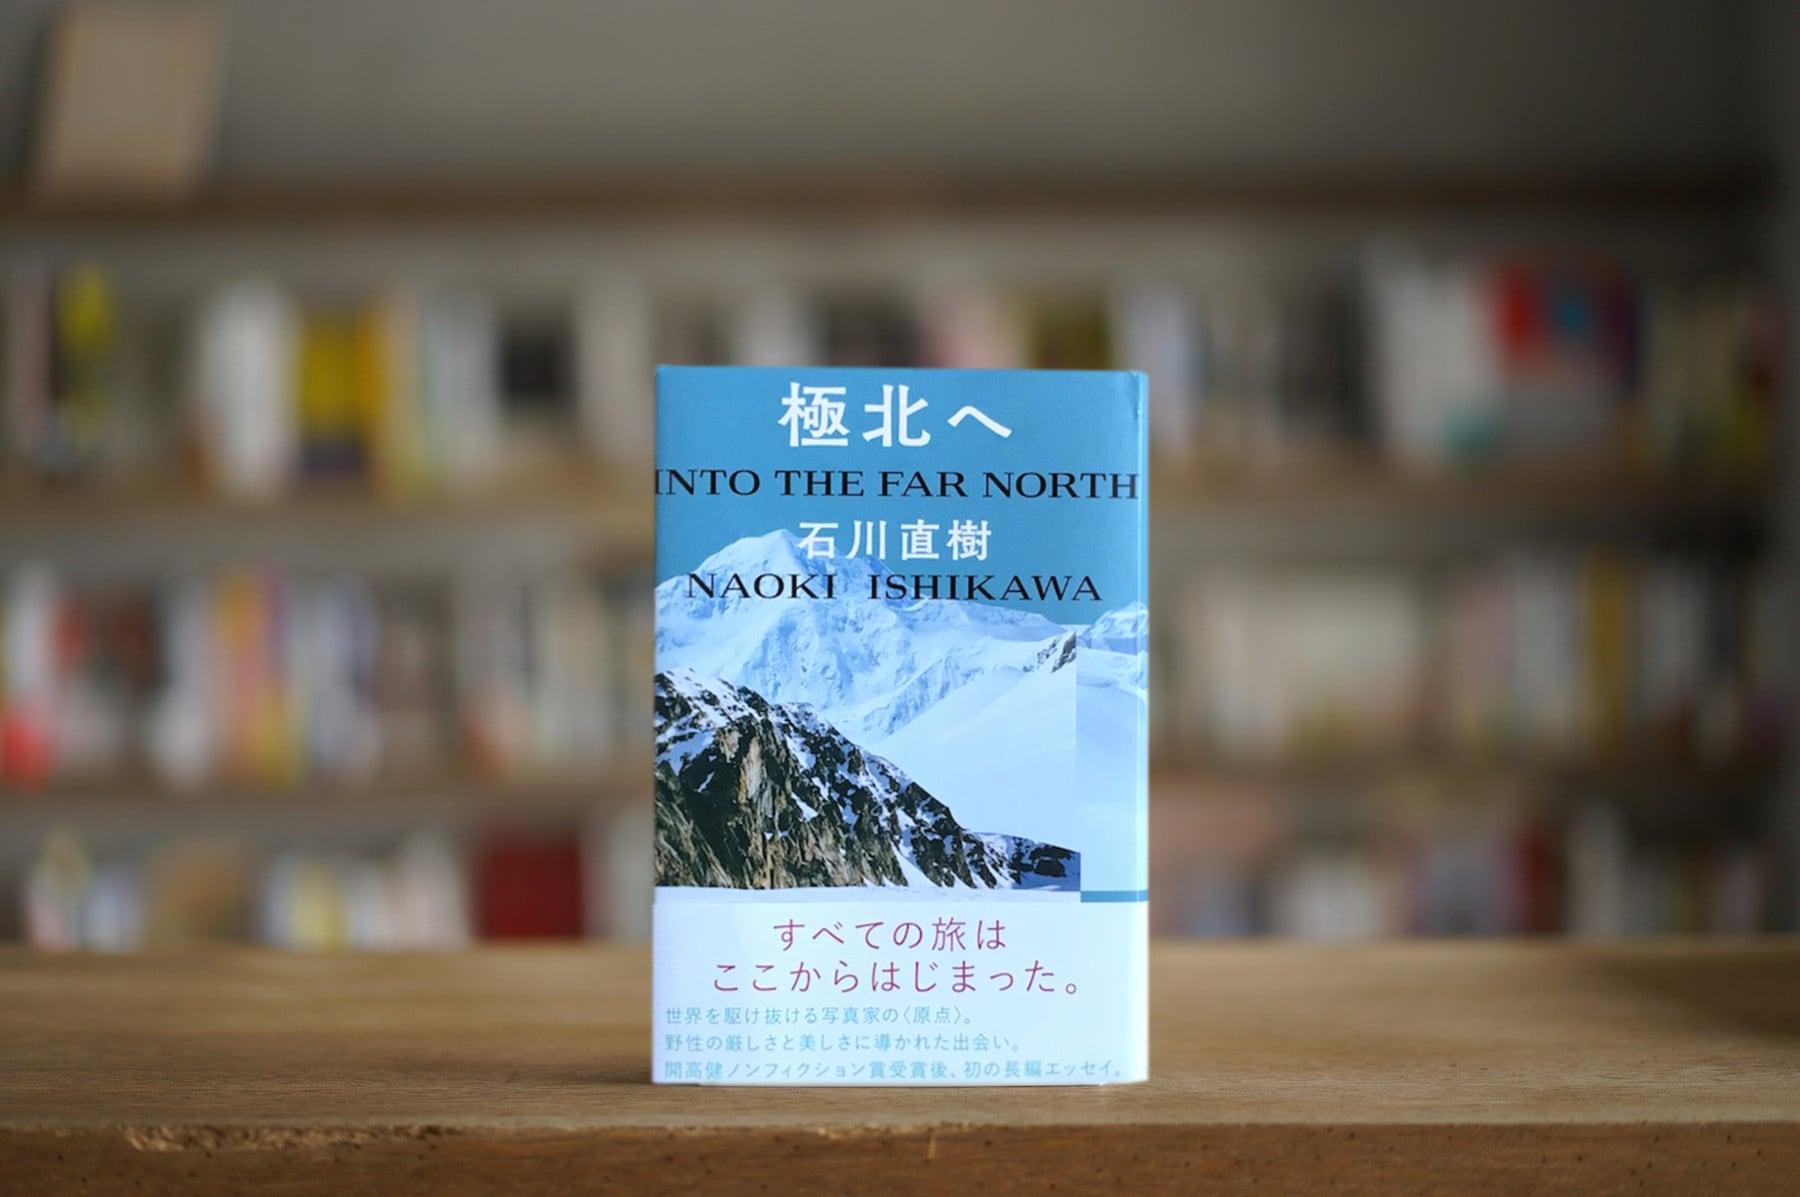 石川直樹 『極北へ』 (毎日新聞出版、2018)